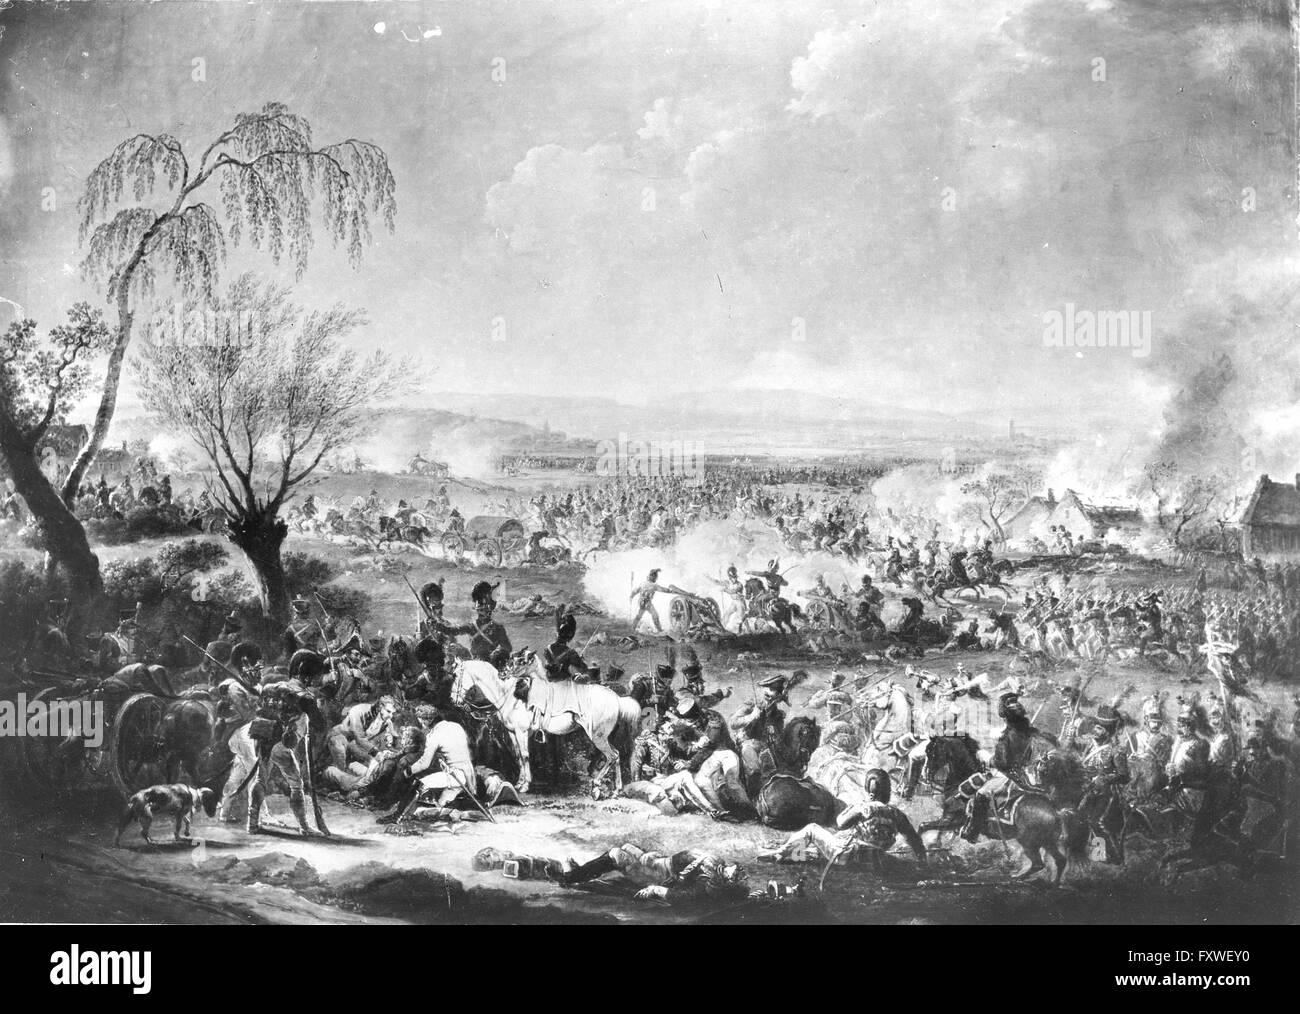 Schlacht bei Wagram 1809 - Stock Image